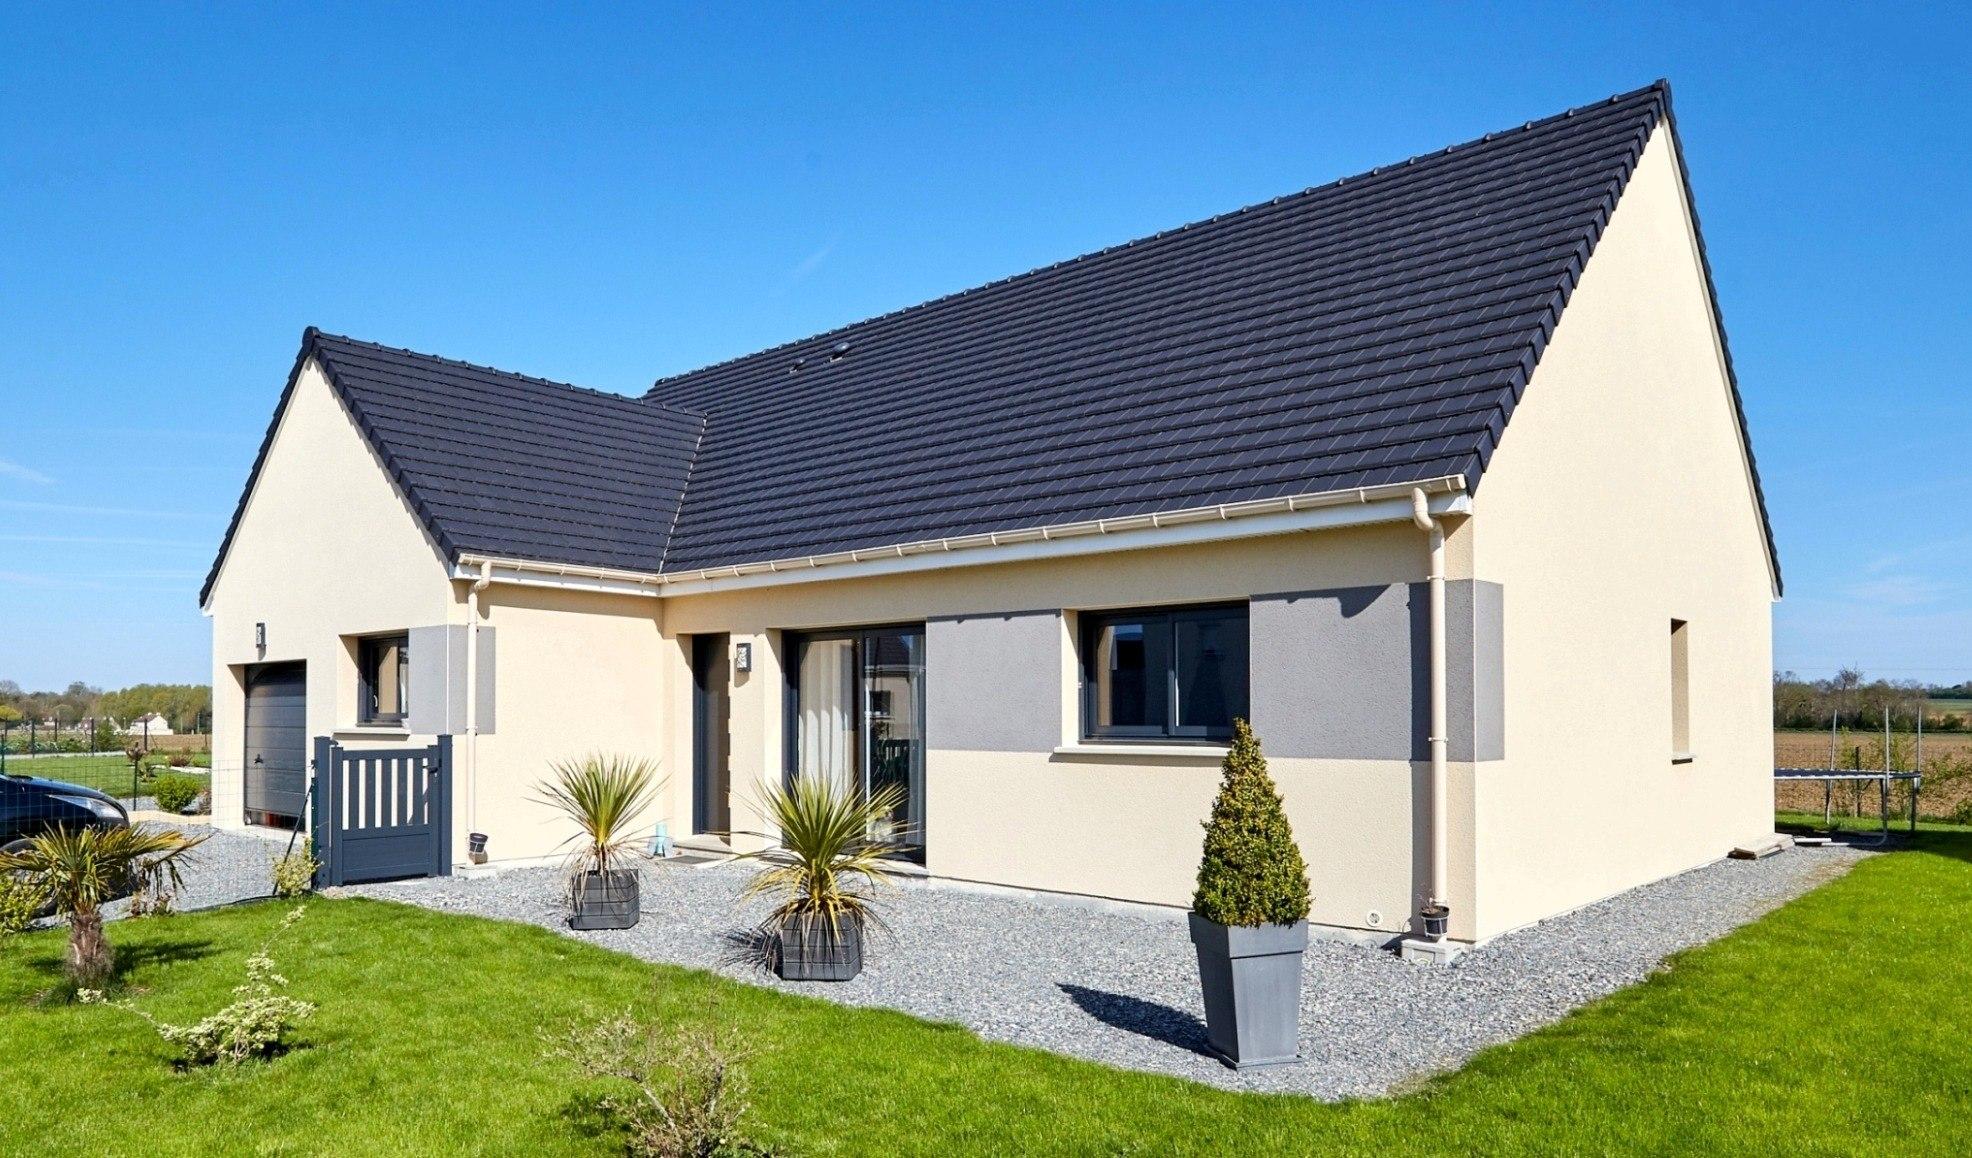 Maisons + Terrains du constructeur Maison Familiale Tours • 115 m² • AMBILLOU